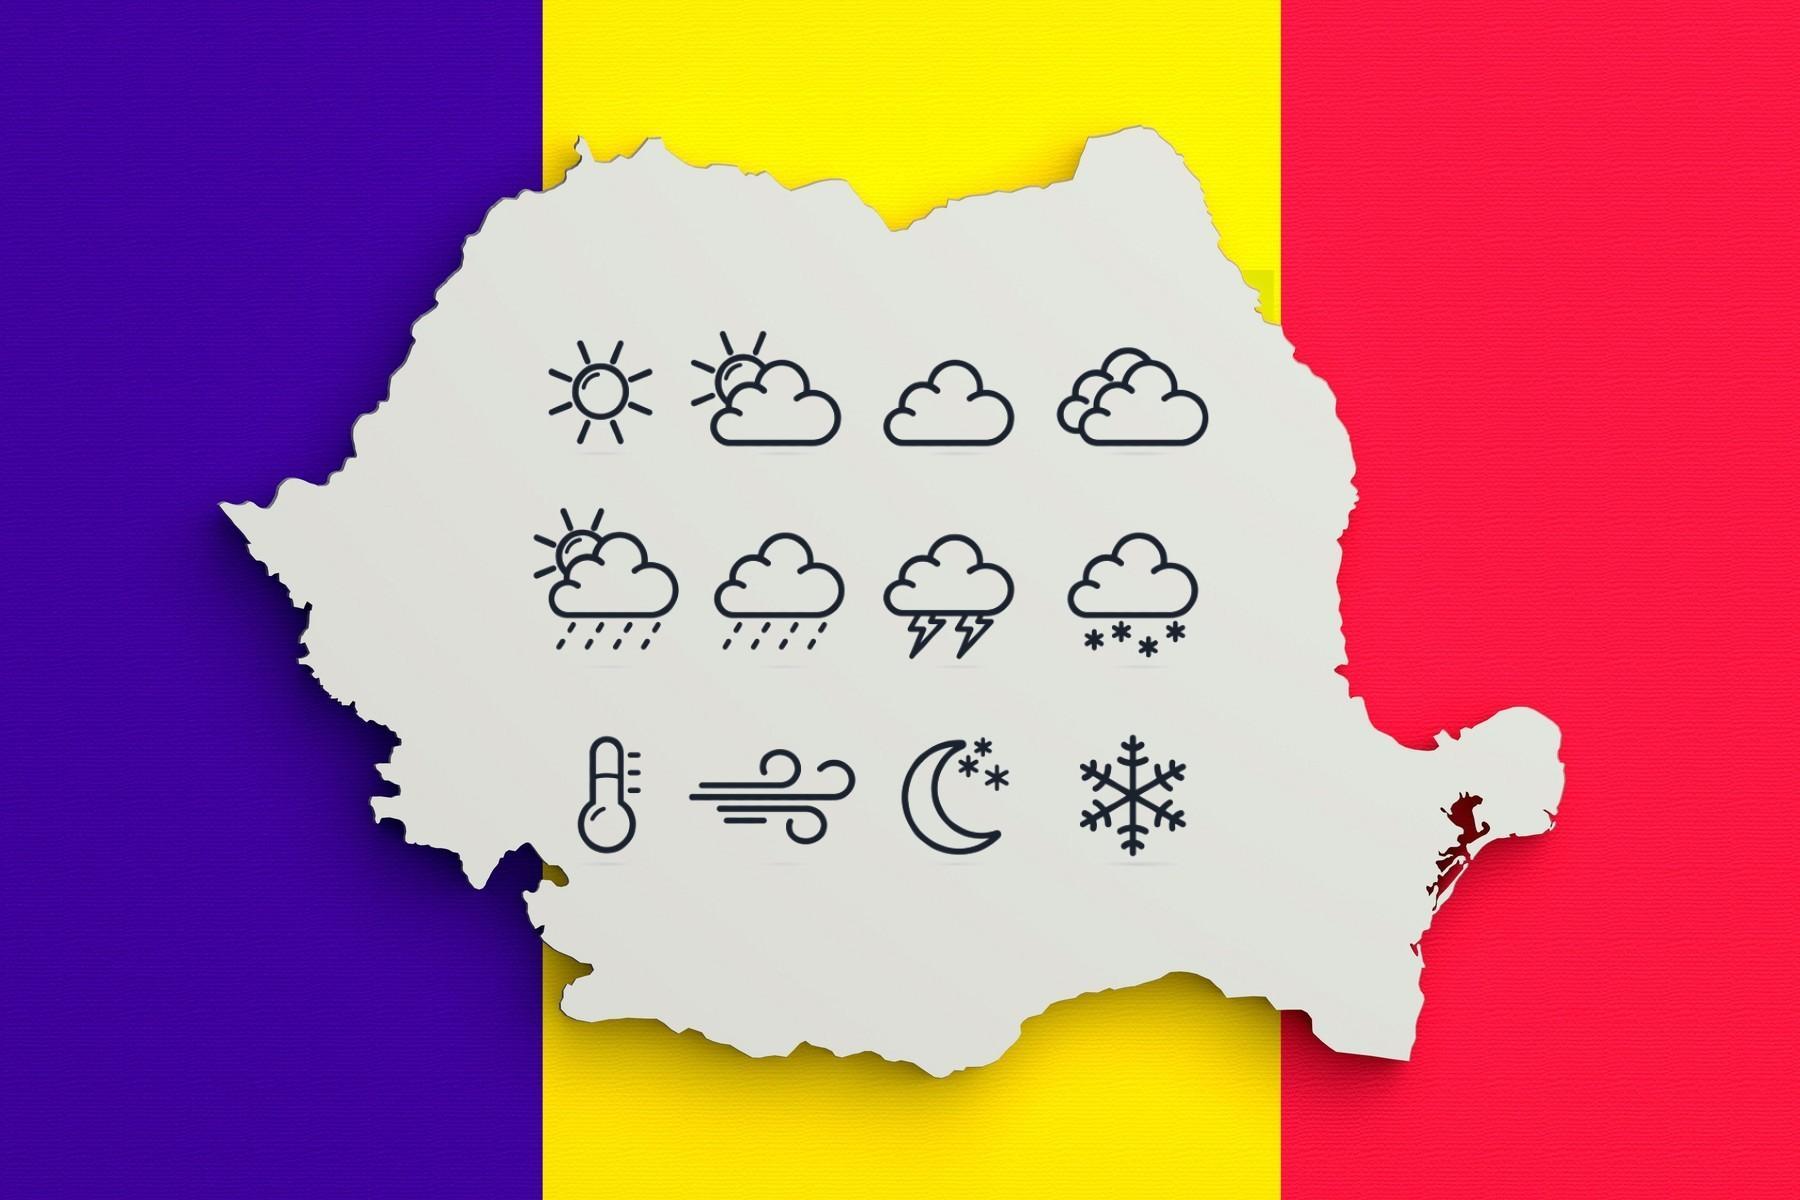 Prognoza meteo 20 ianuarie 2021. Cum e vremea în România și care sunt previziunile ANM pentru astăzi